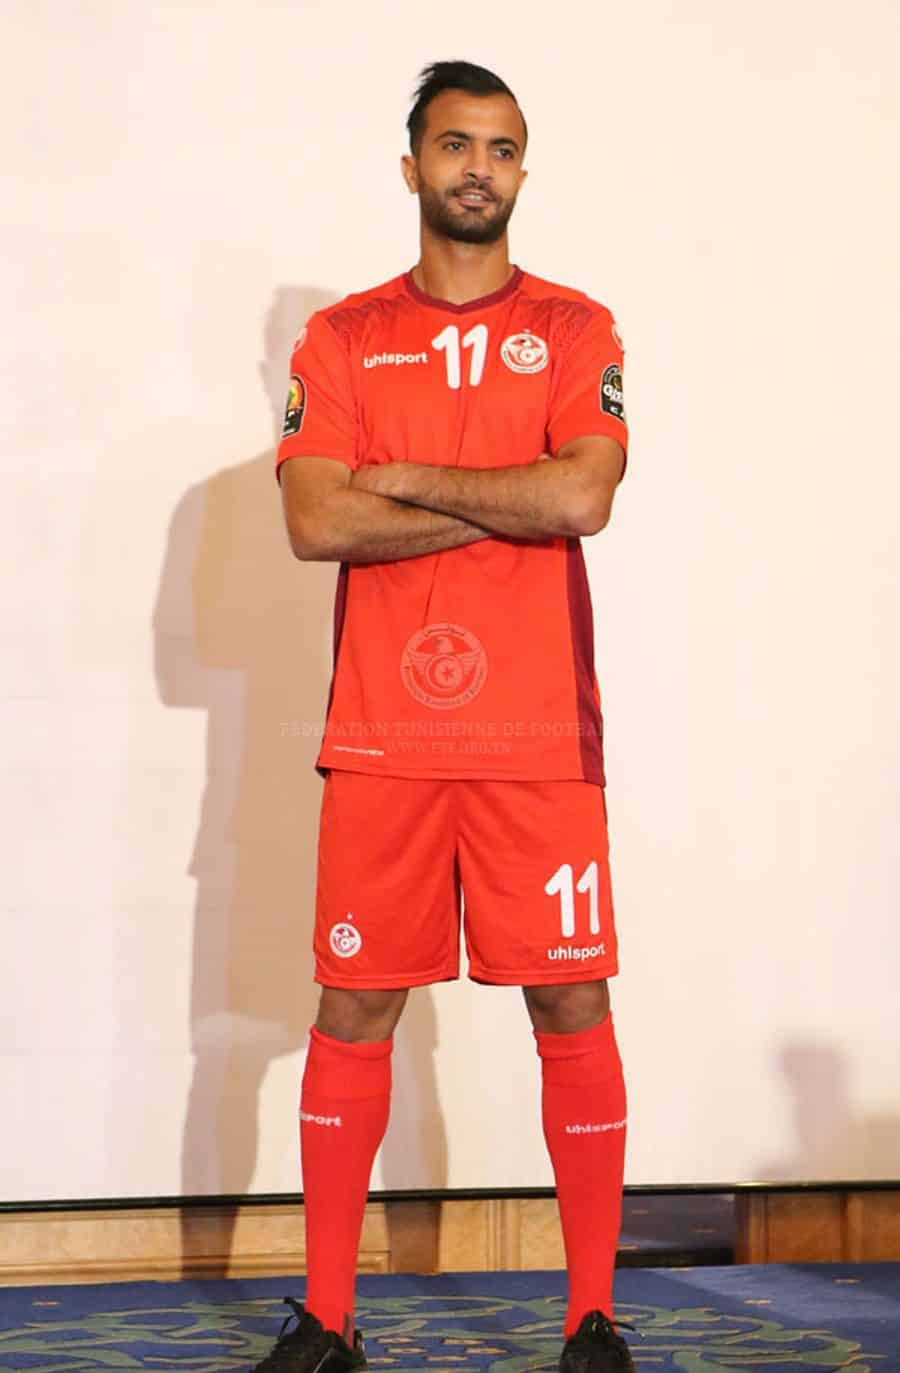 maillot-exterieur-tunisie-coupe-afrique-des-nations-2017-uhlsport